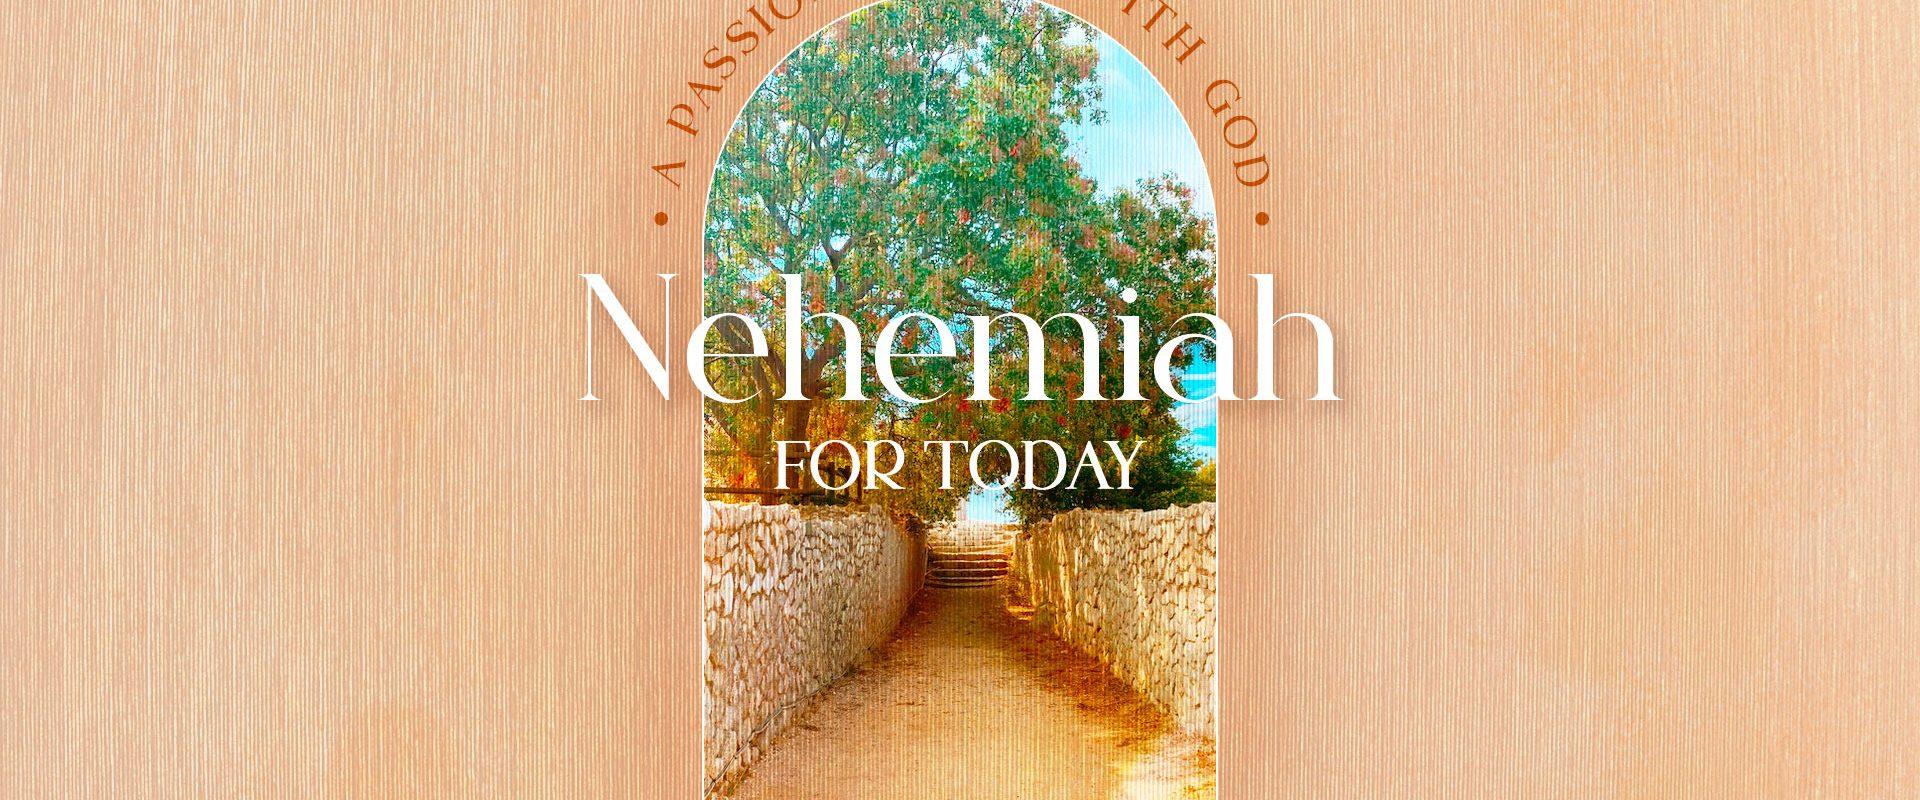 nehemiah_1920x1080